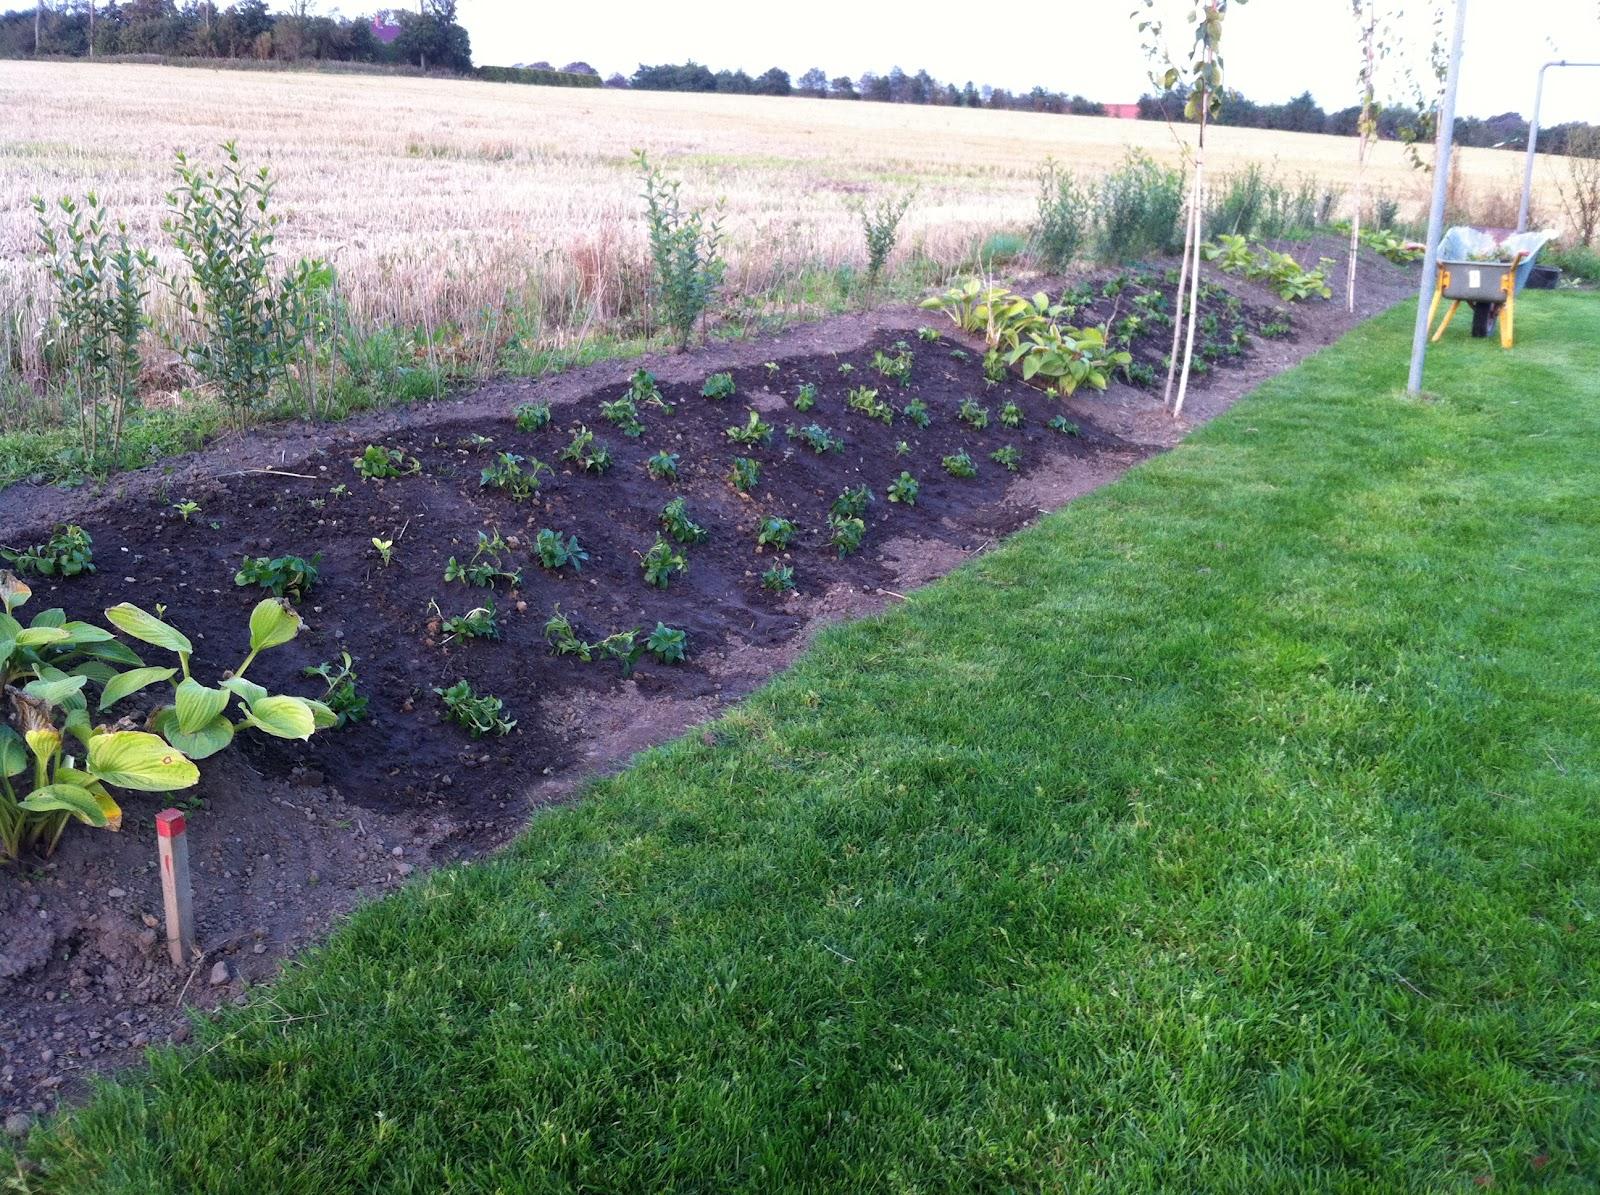 vintergrønne planter til skråning